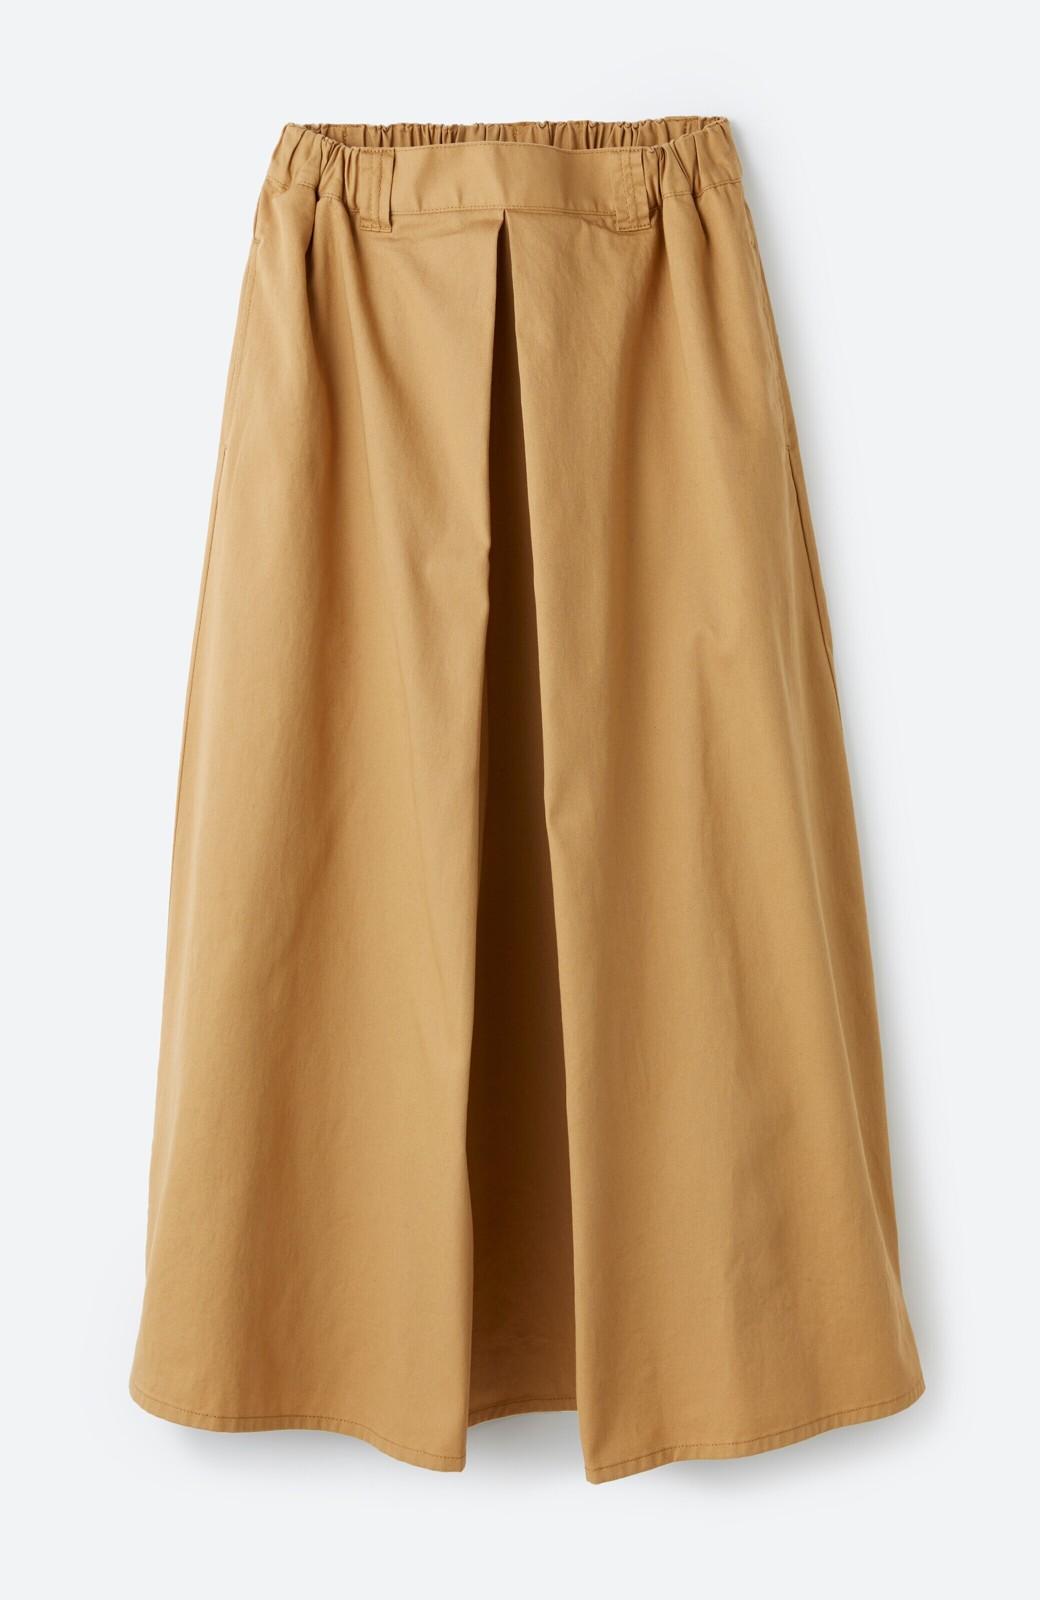 haco! 【スタッフスペシャルセット】ギリギリ女子ミオの夏のコーデに便利!手持ちのTシャツといけるんちゃうかセット  <その他>の商品写真12